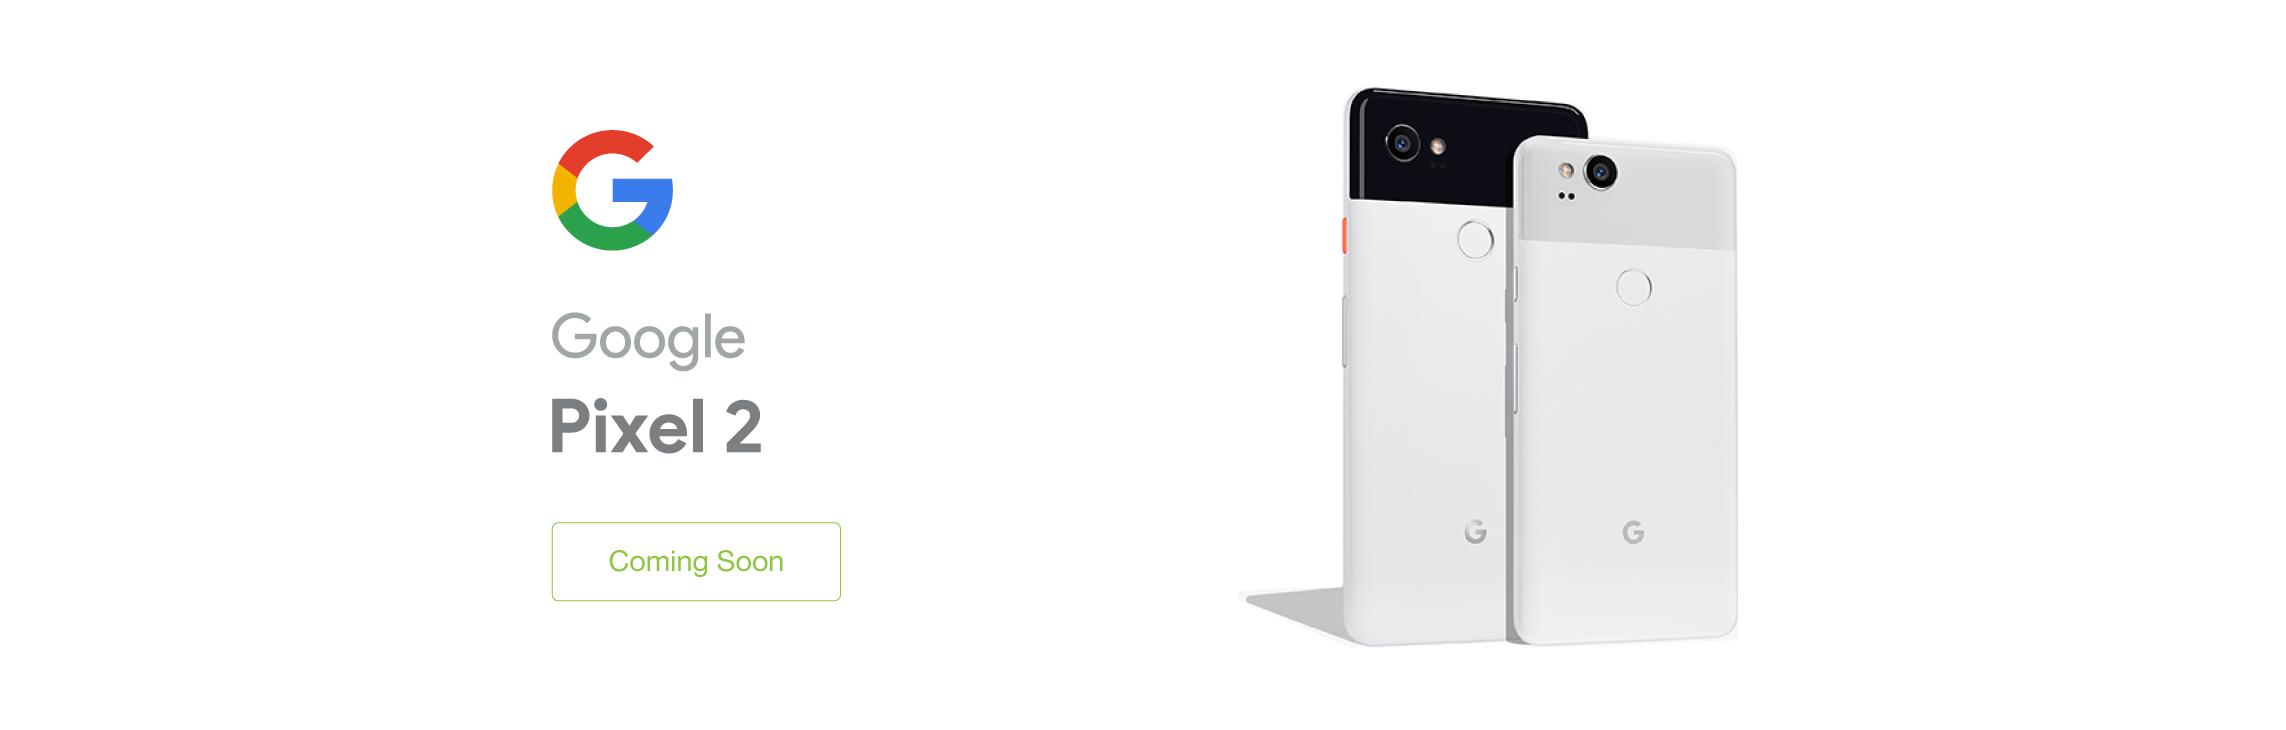 Google Pixel 2 - Coming Soon